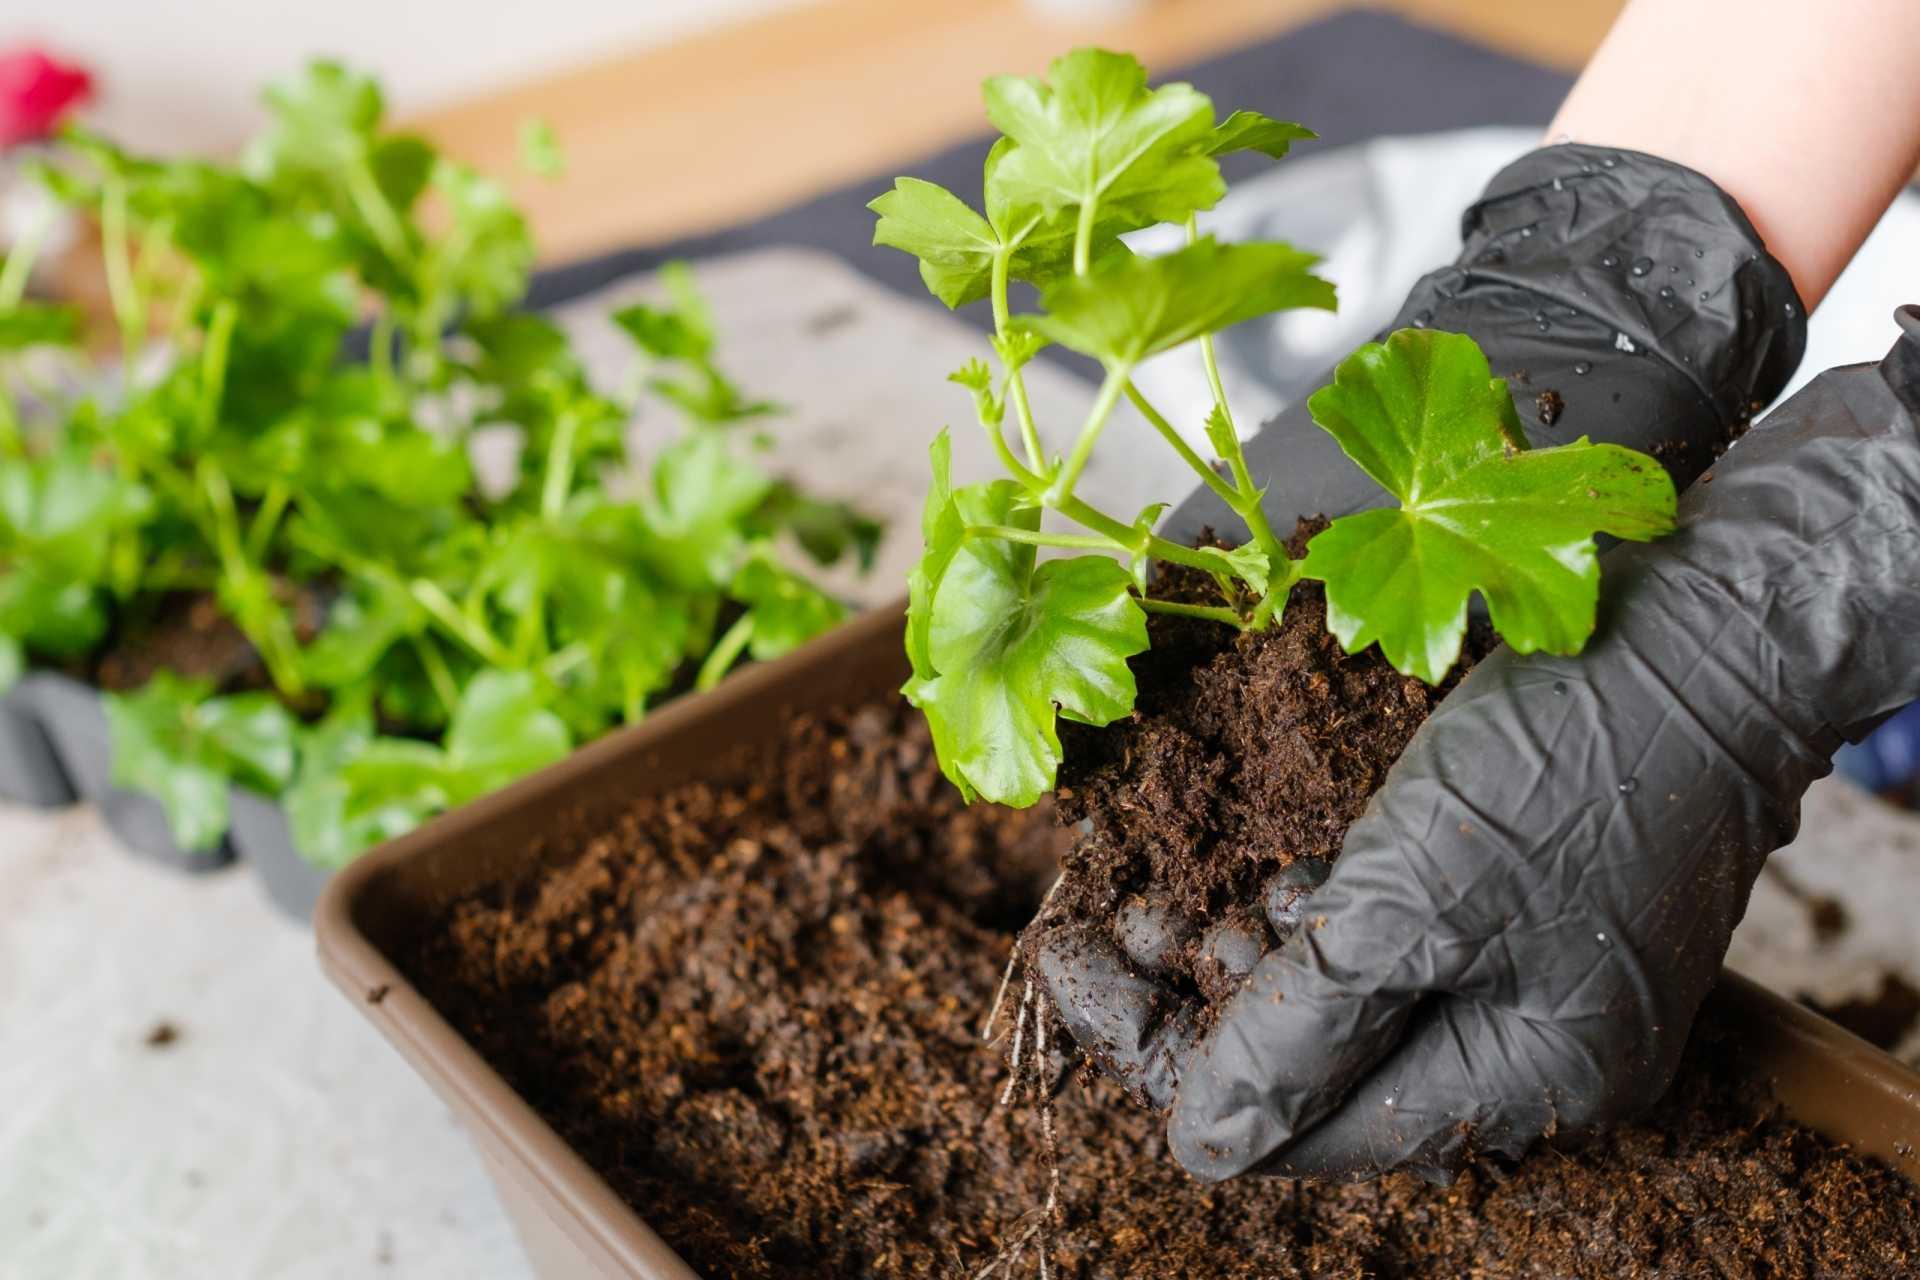 Welches Substrat eignet sich für welche Pflanze?